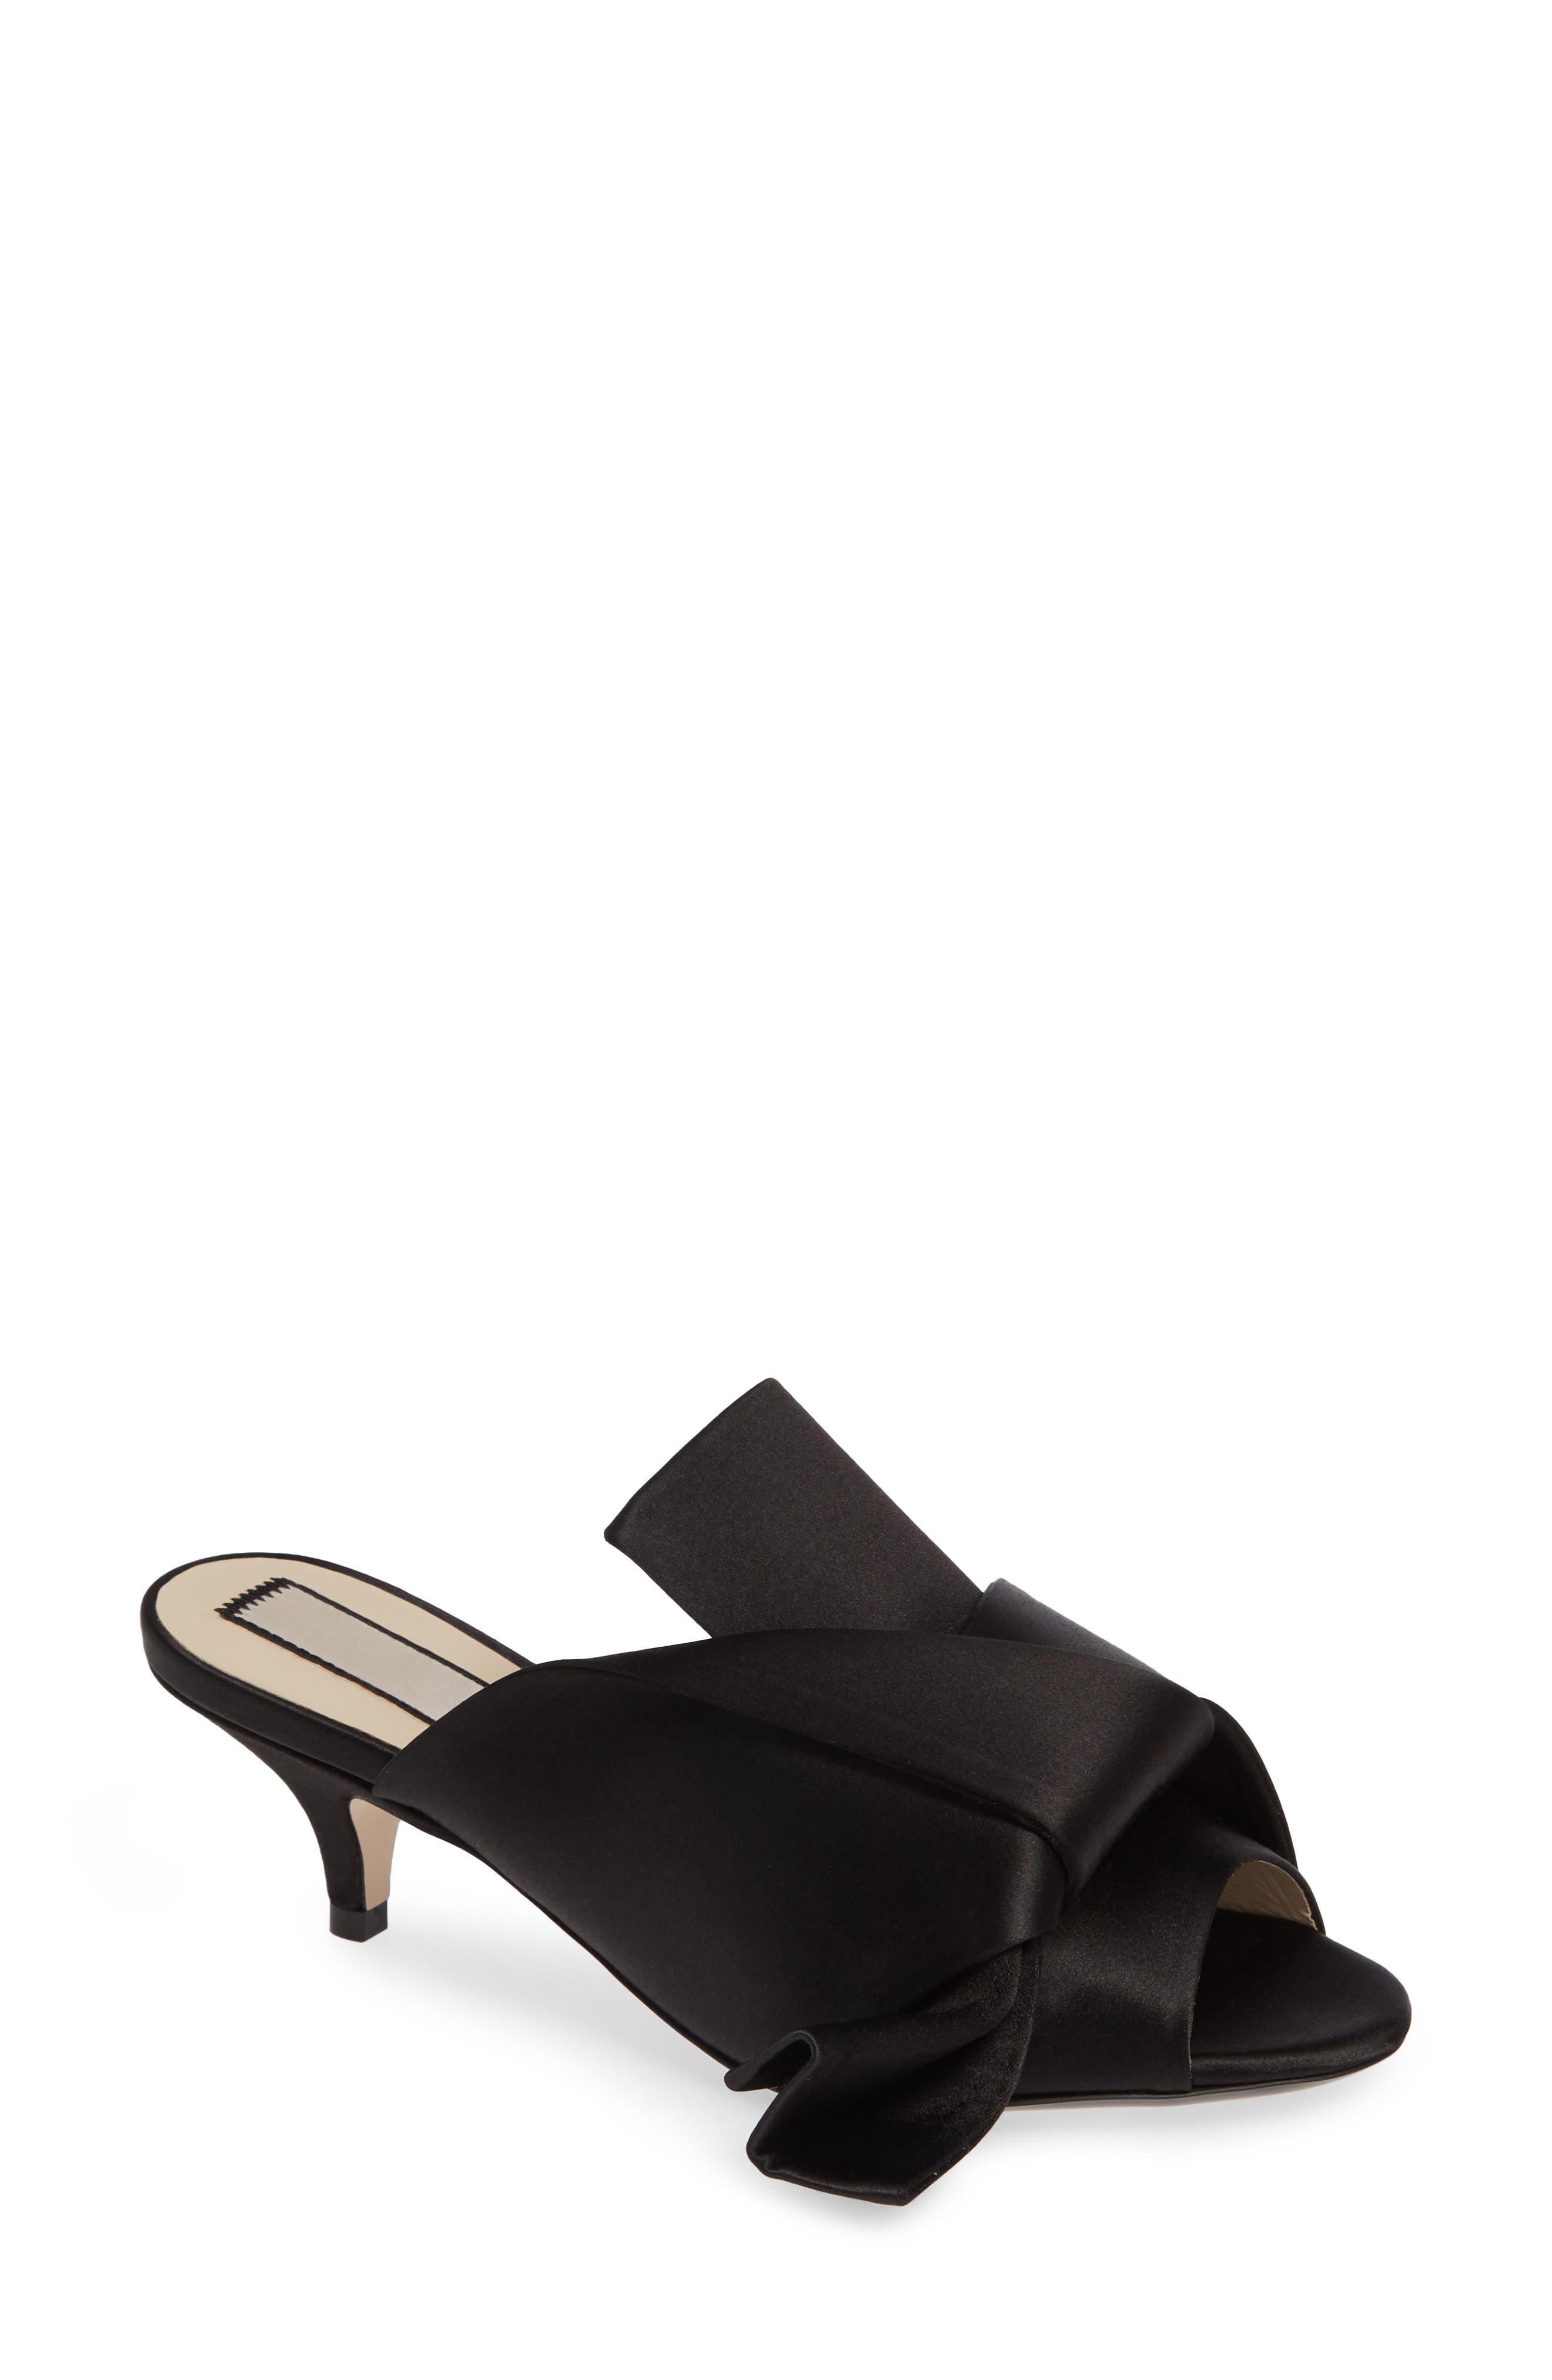 N?21 Bow Slide Sandal